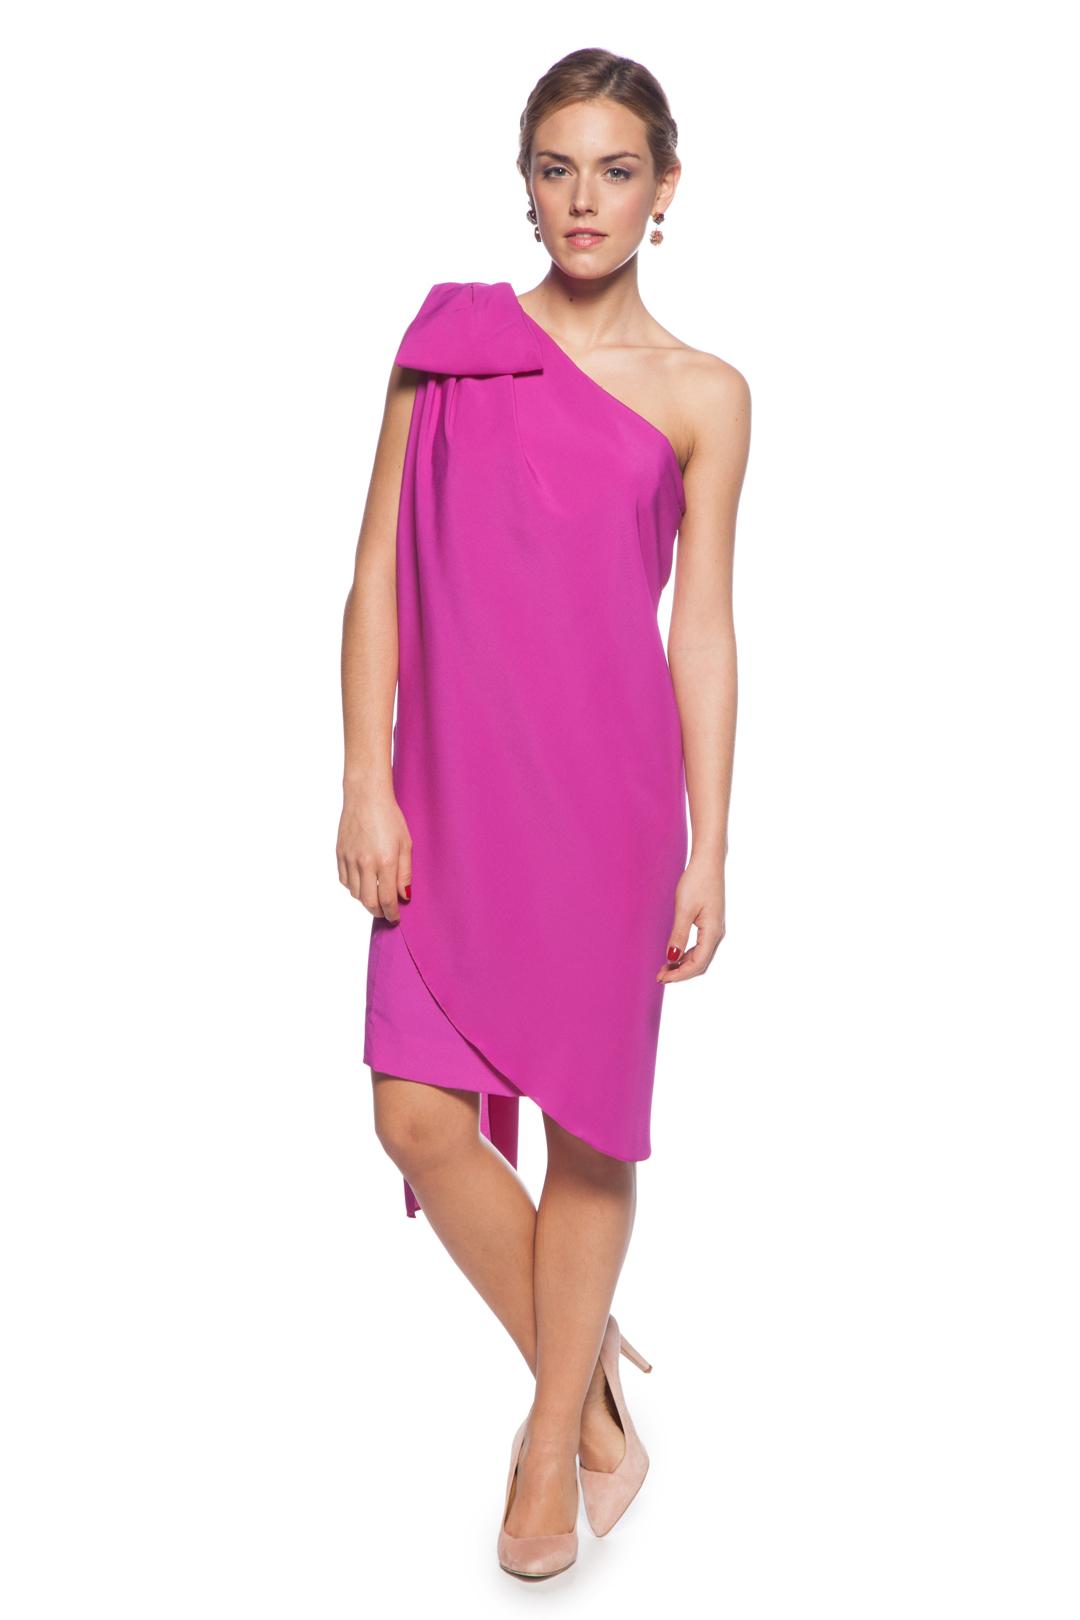 Color Nude Fucsia Alquiler De Vestidos La Más Mona